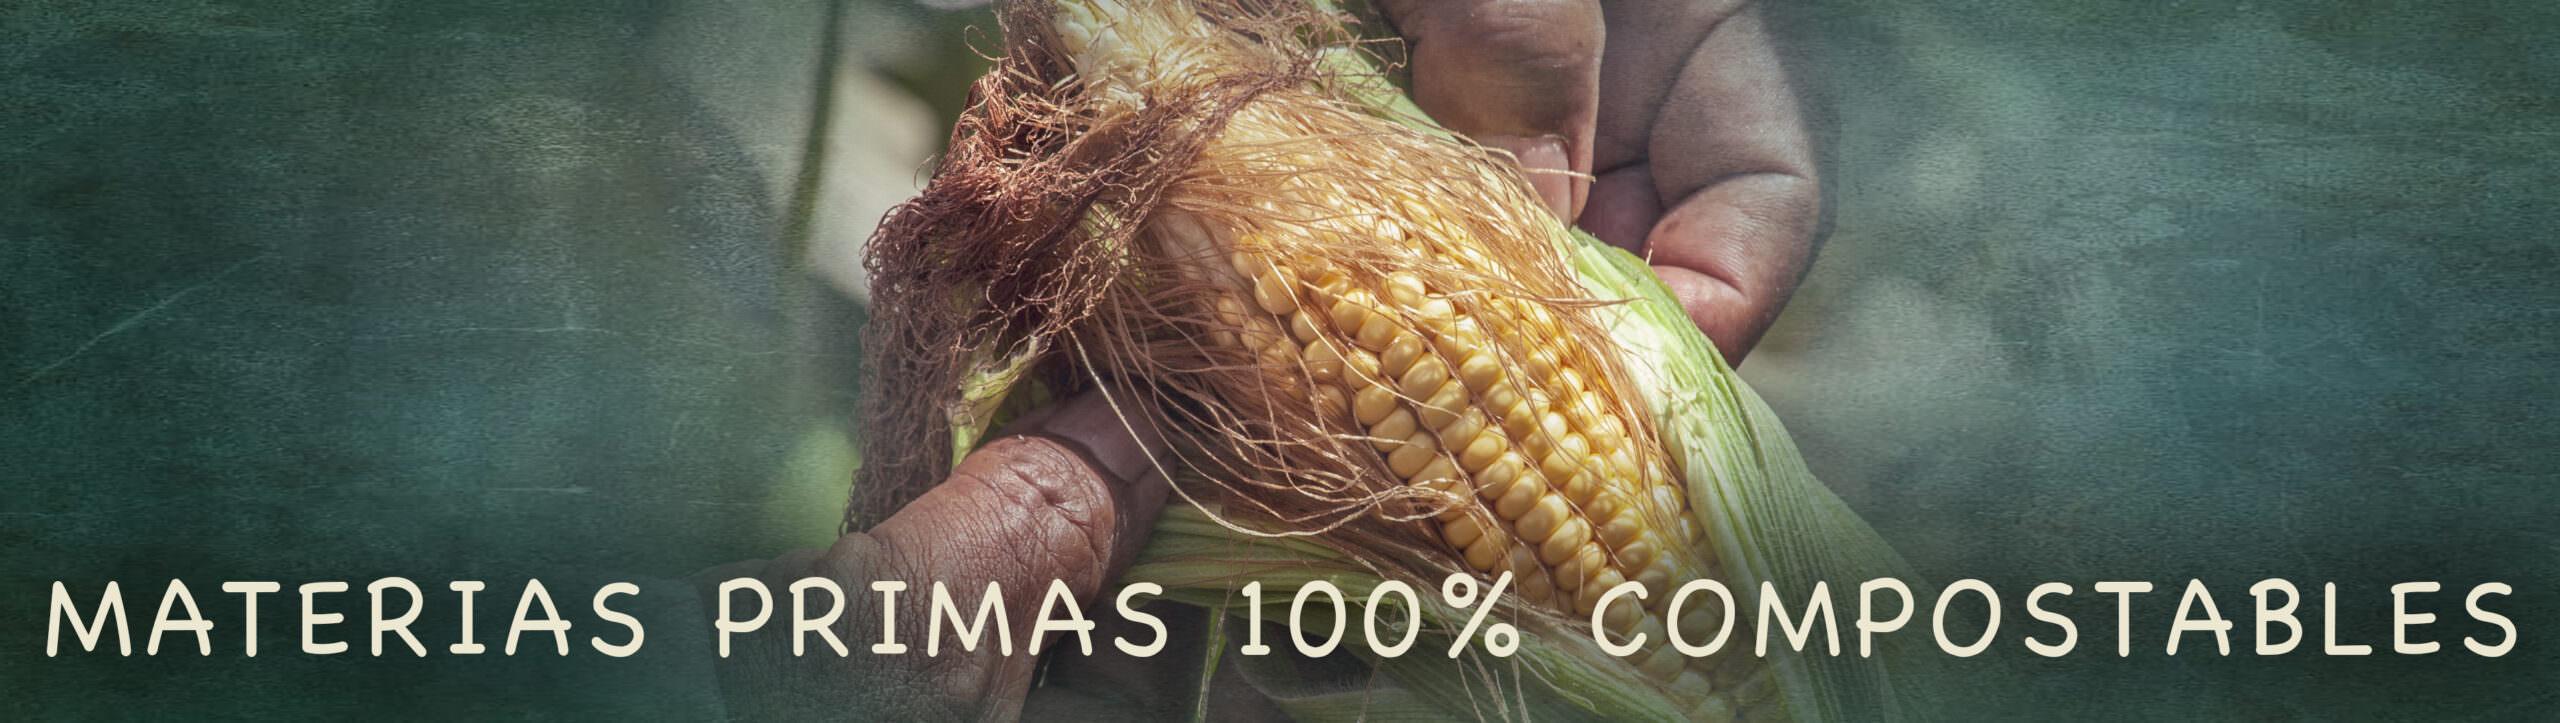 Bionatic Spain solo trabaja con materias primas 100% ecológicas y biodegradables, como la hoja de palma o palmera, cartón y papel recilcados y reciclables, envases de bagazo o caña de azúcar, Pla y vasos de cartón sin Pla ni plásticos. En Bionatic siempre seleccionamos productos de primera calidad y ofrecemos a nuestros clientes una gama muy amplia e interesante de envases para alimentación 100% ecológicsos